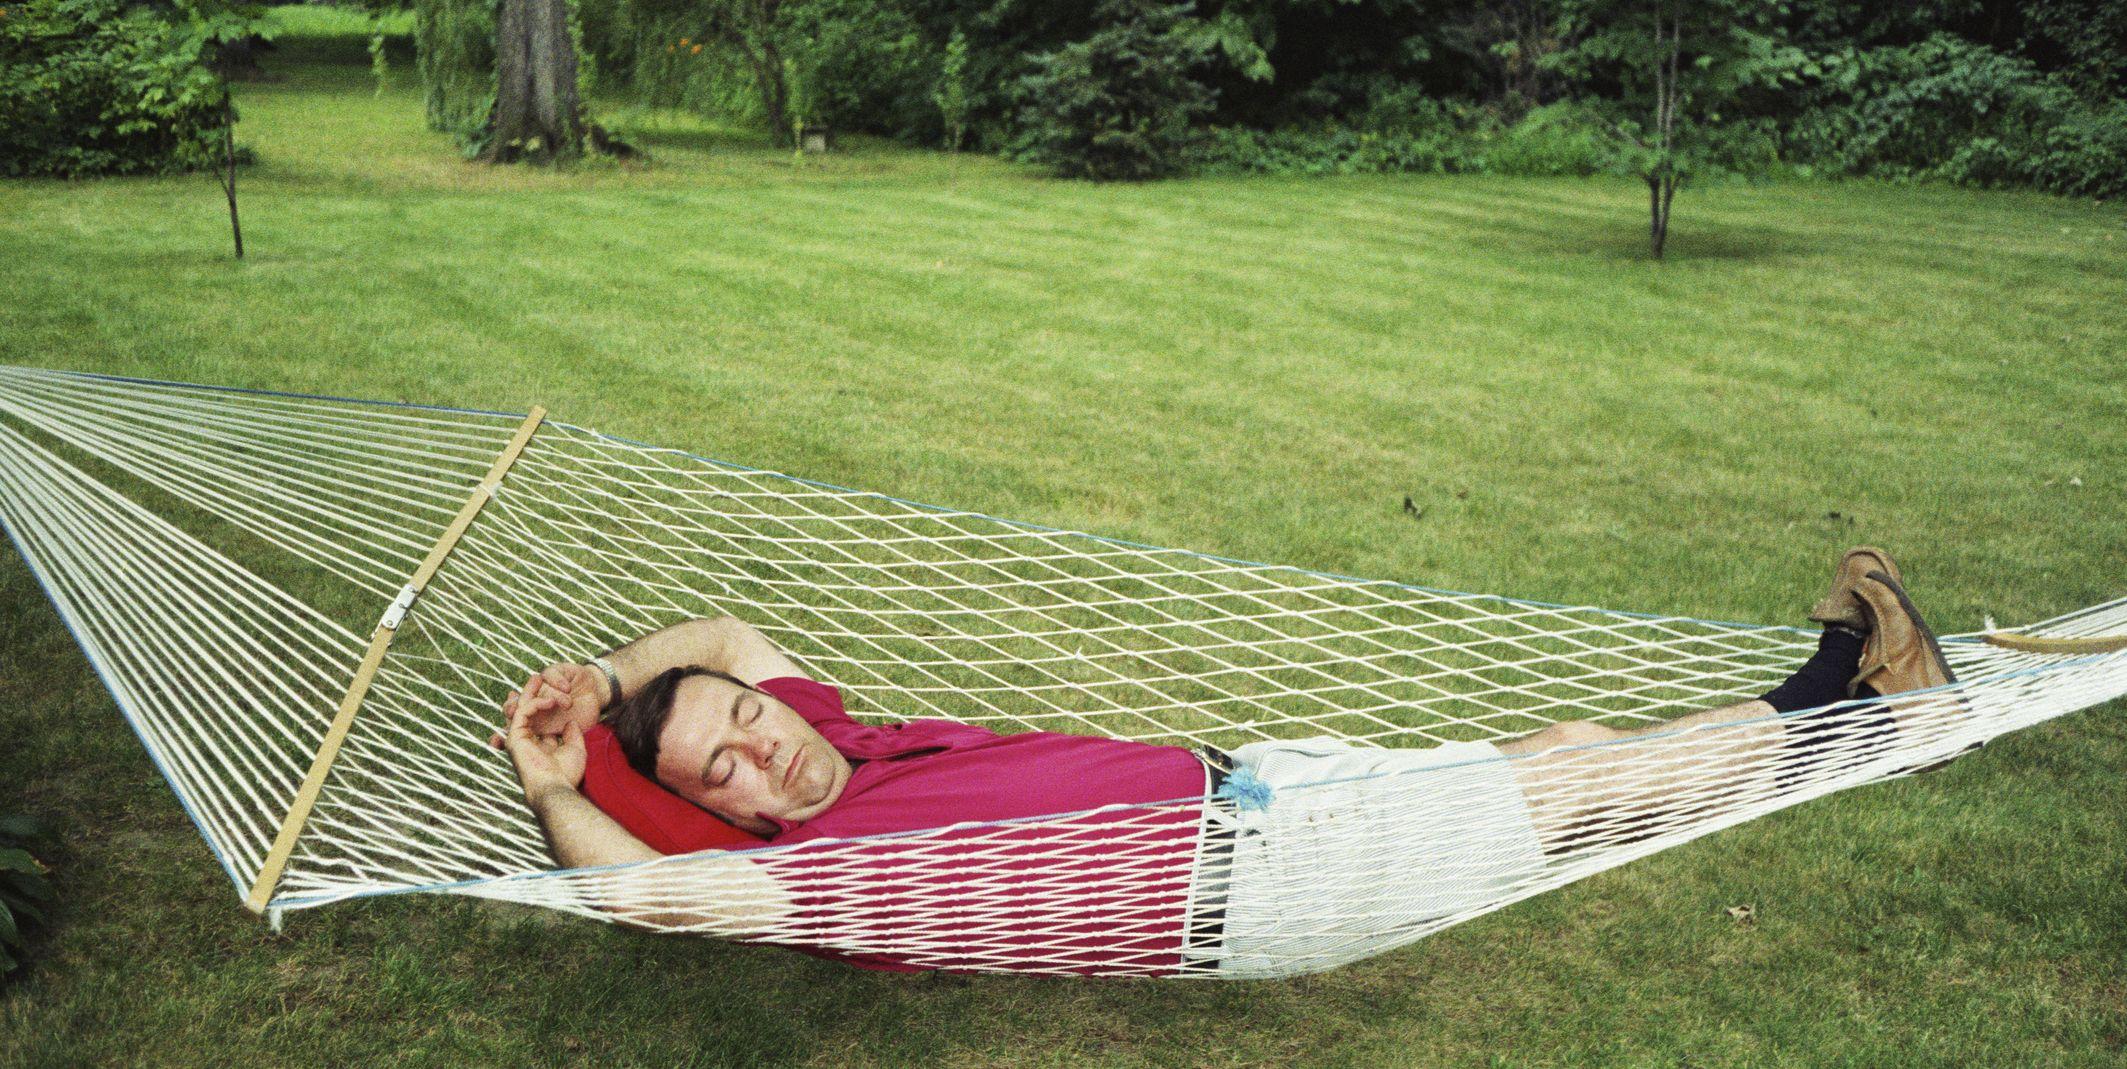 Bildresultat för hammock image